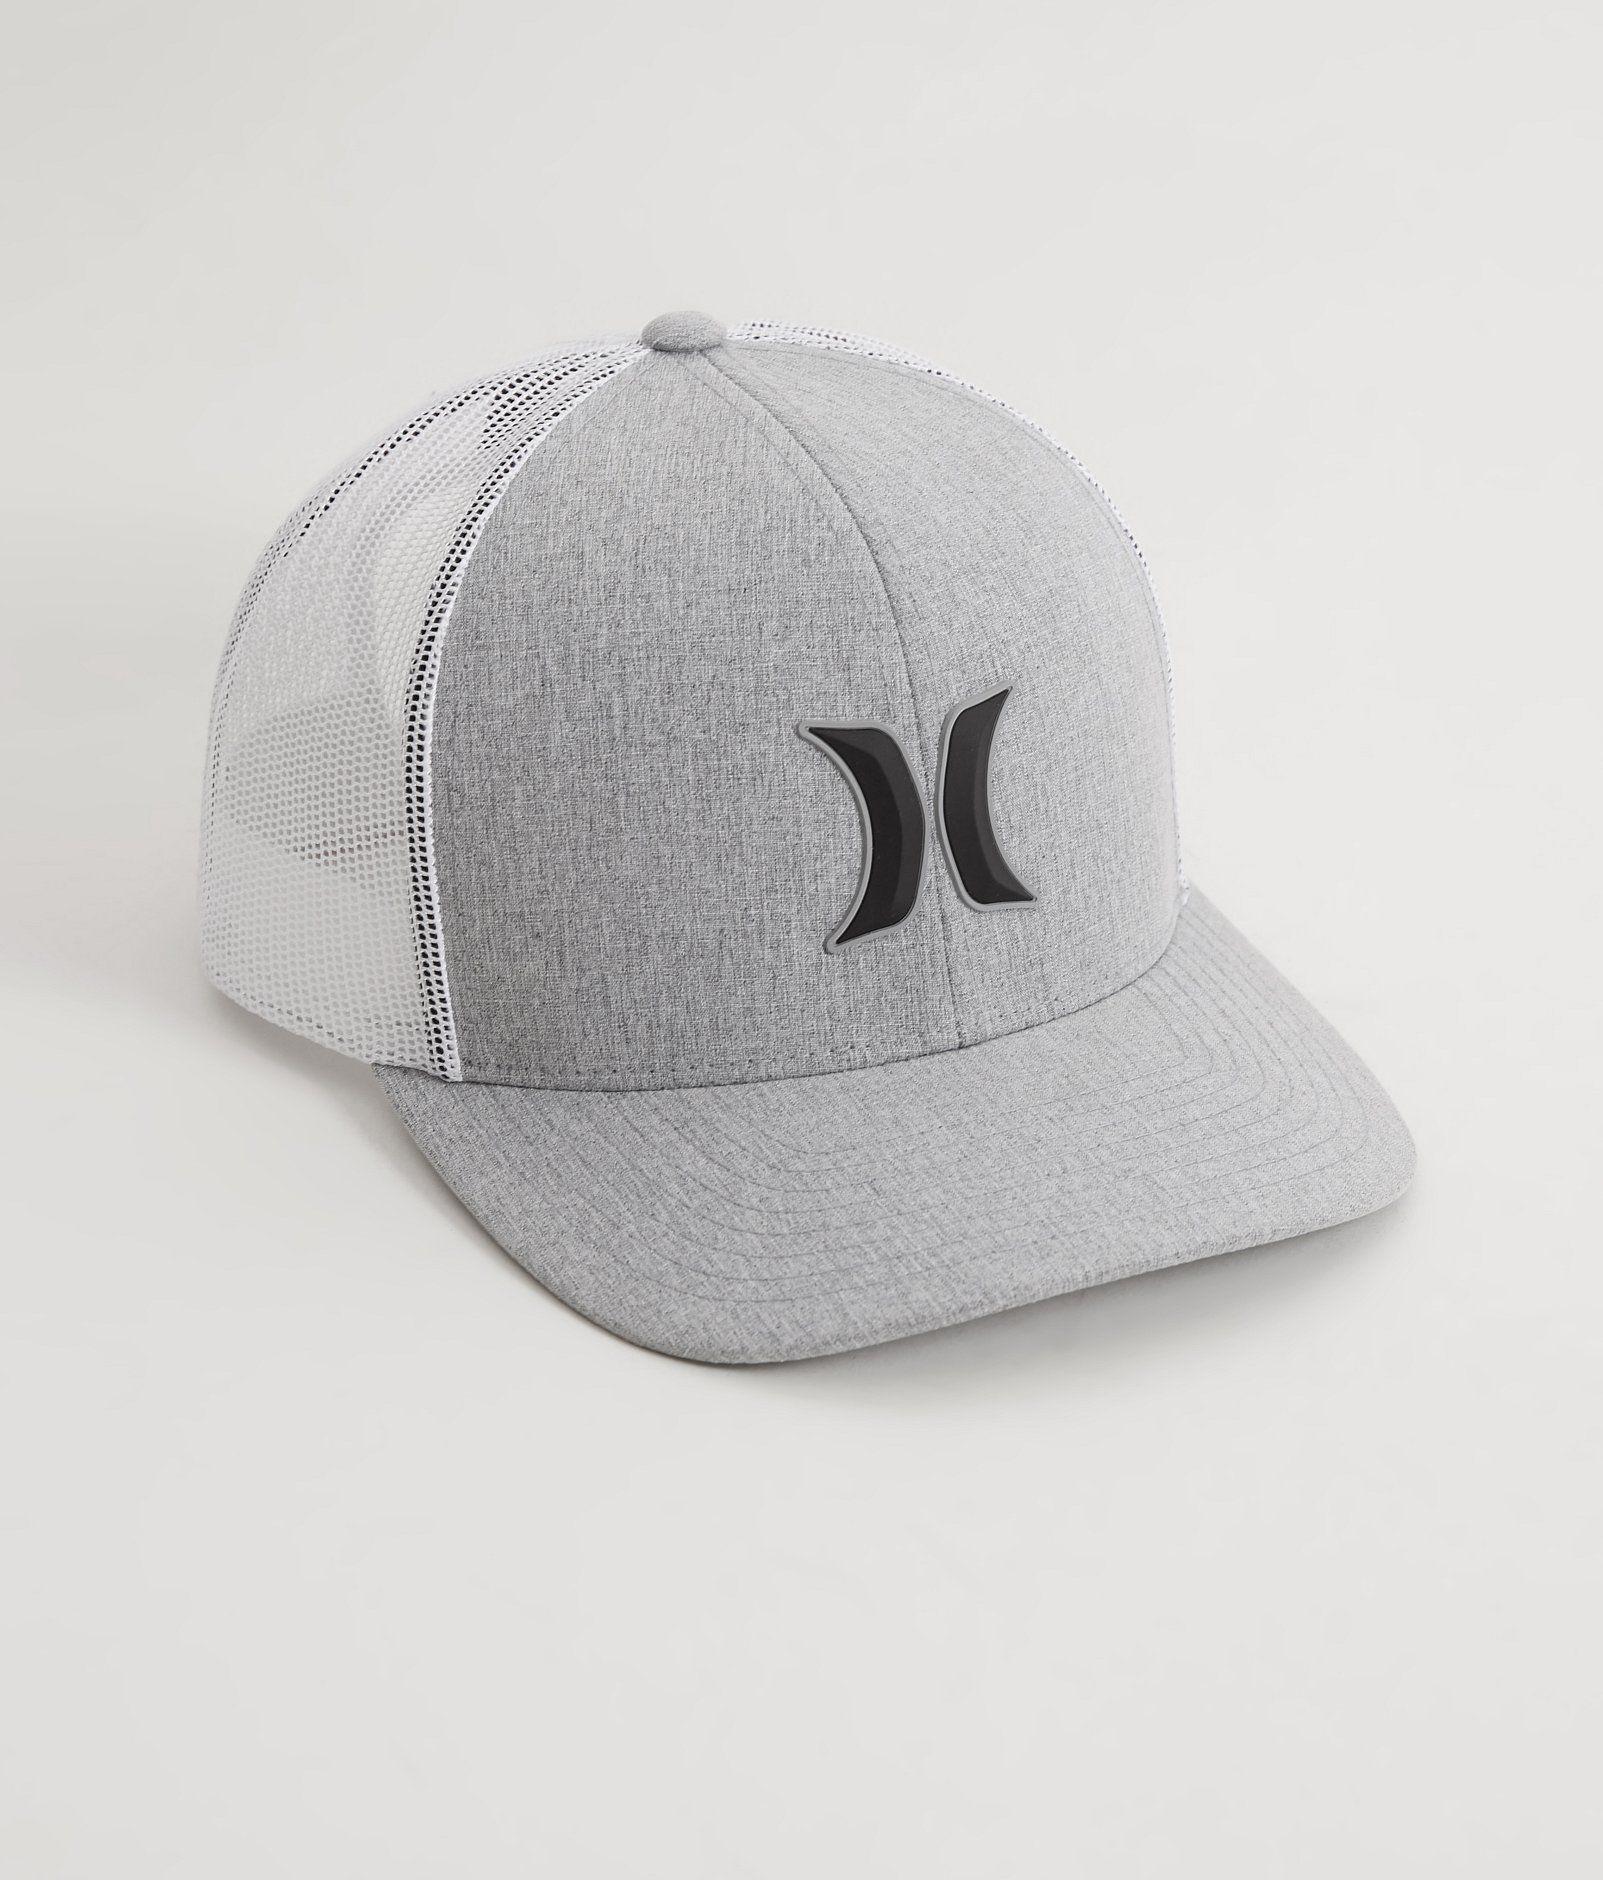 Hurley 3D Harbor Trucker Hat - Men s Hats in Cool Grey  c051daa270b